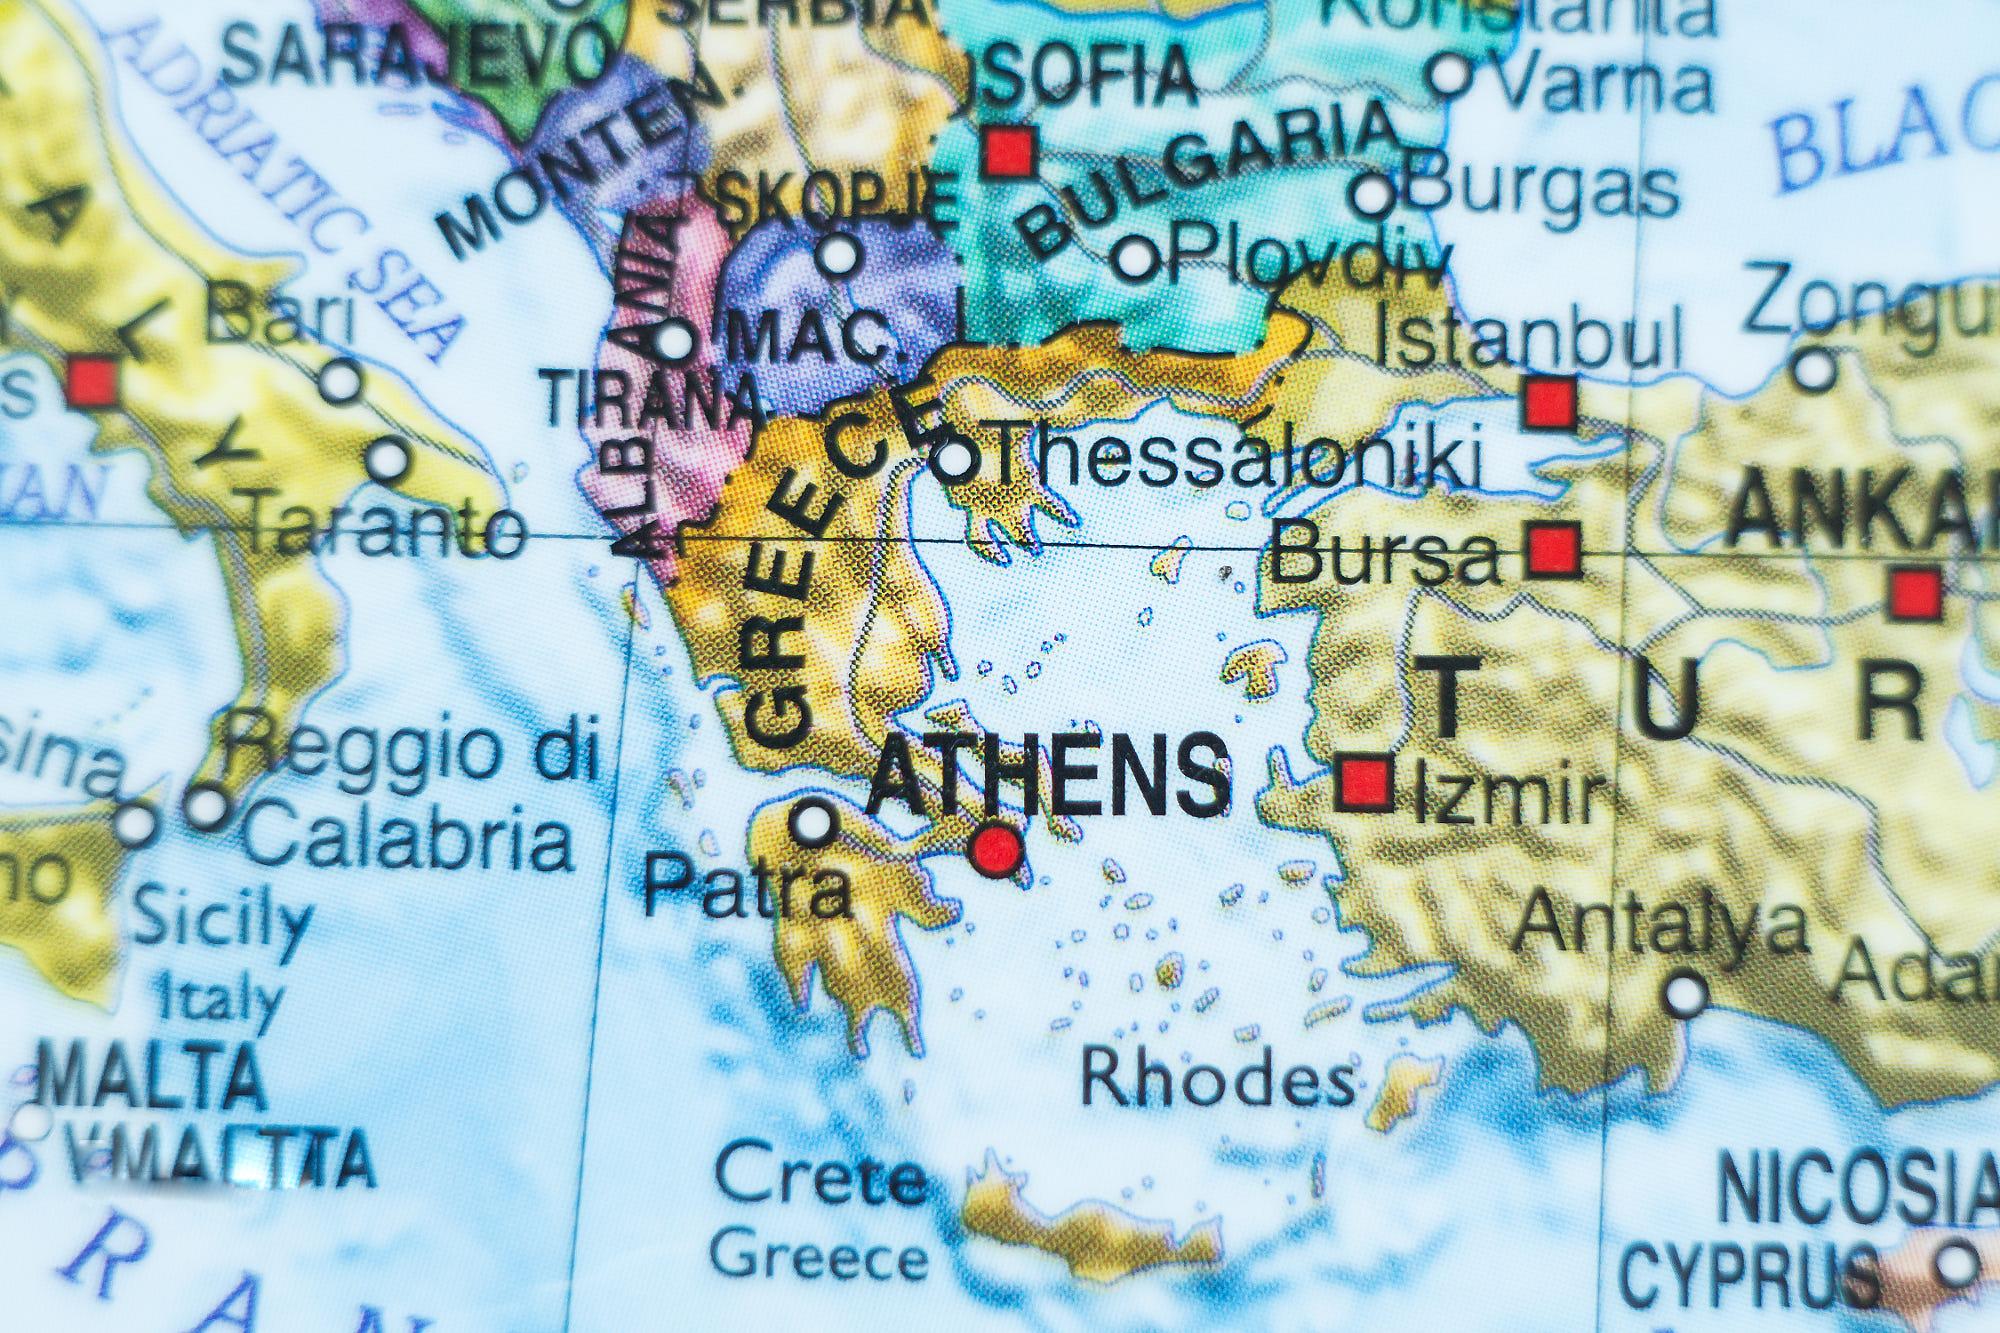 جغرافیای یونان